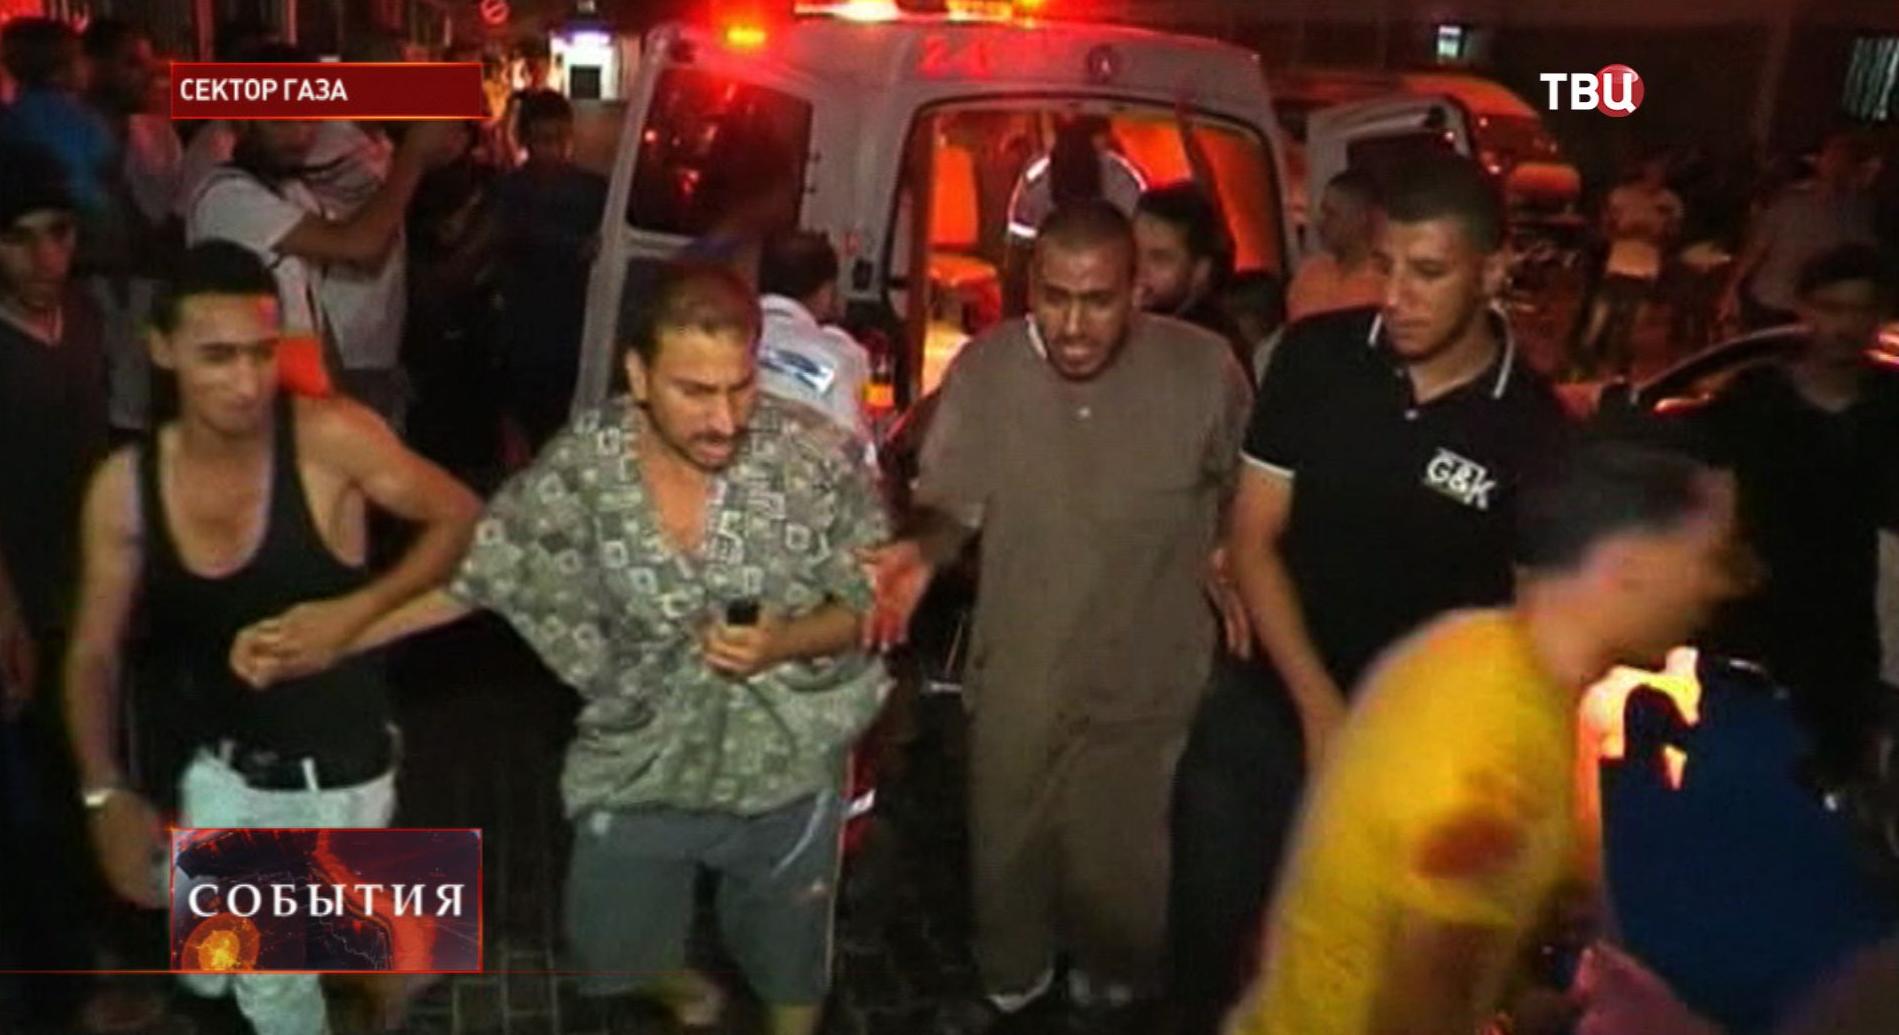 Жители спасаются от обстрелов в секторе Газа